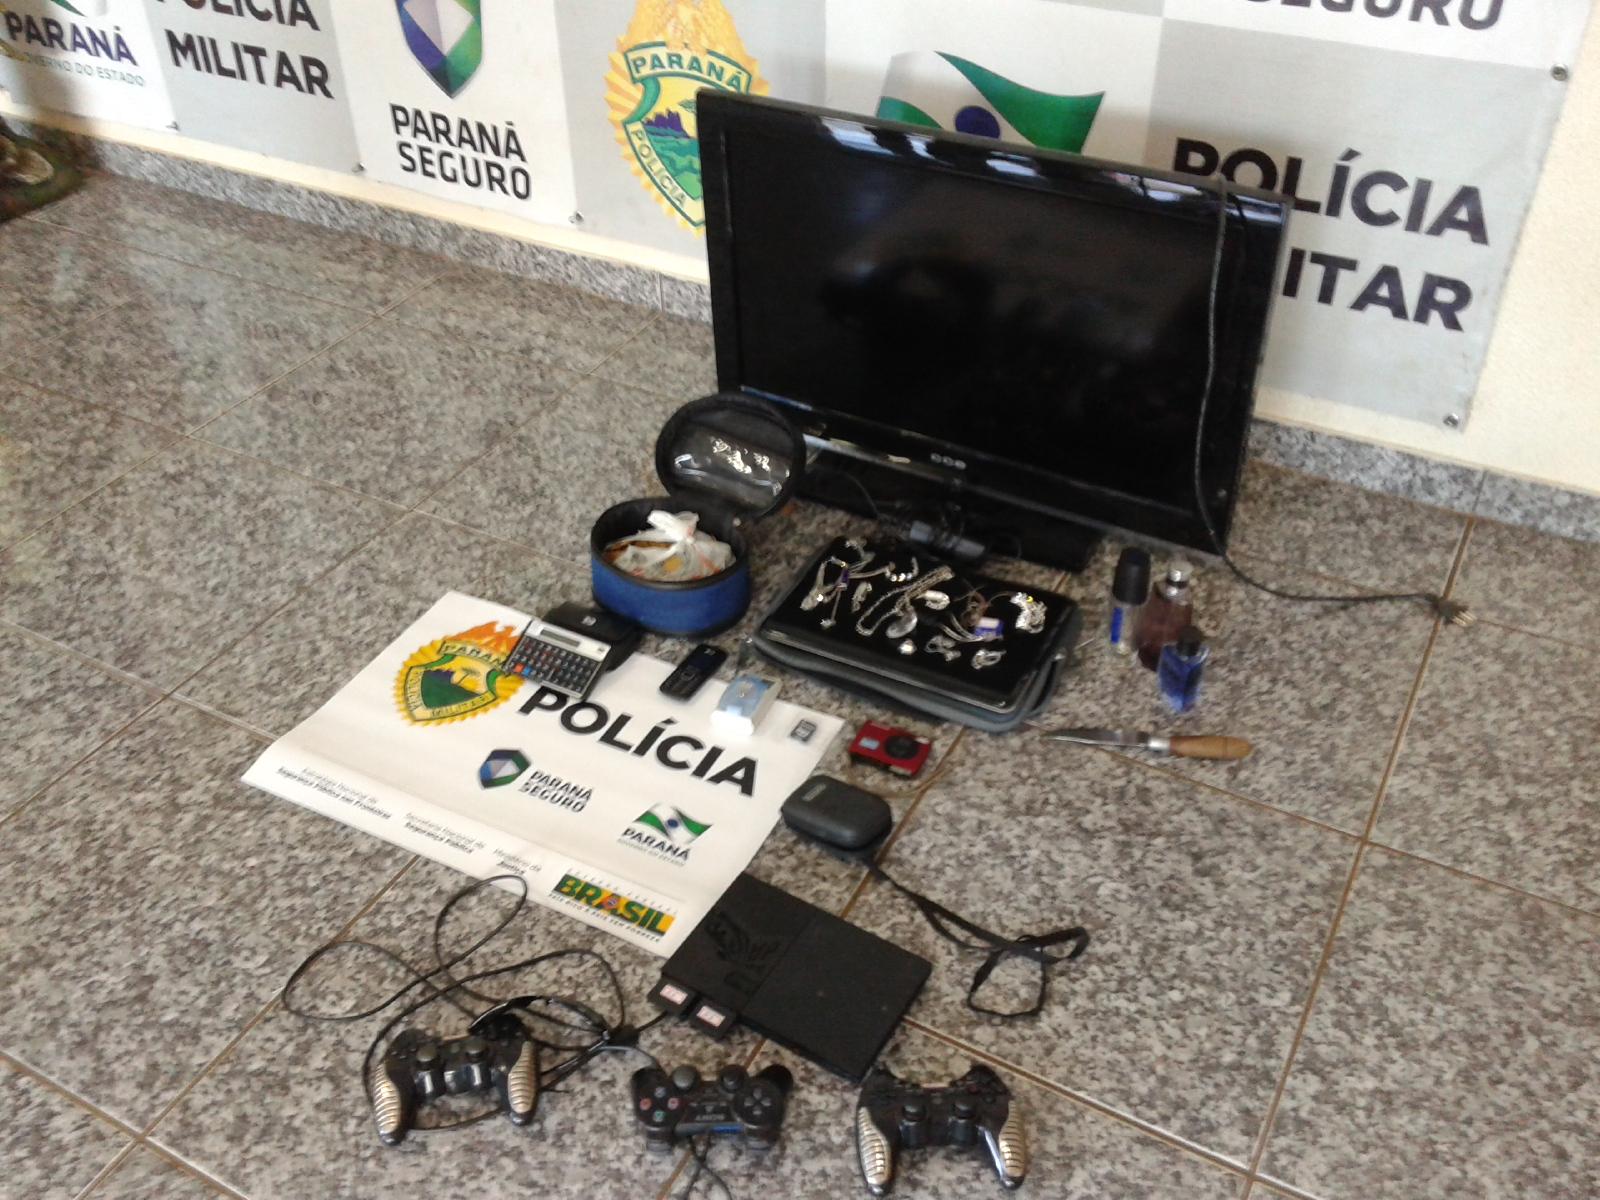 Objetos que seriam levados pelos acusados. Foto: Evandro Artuzi